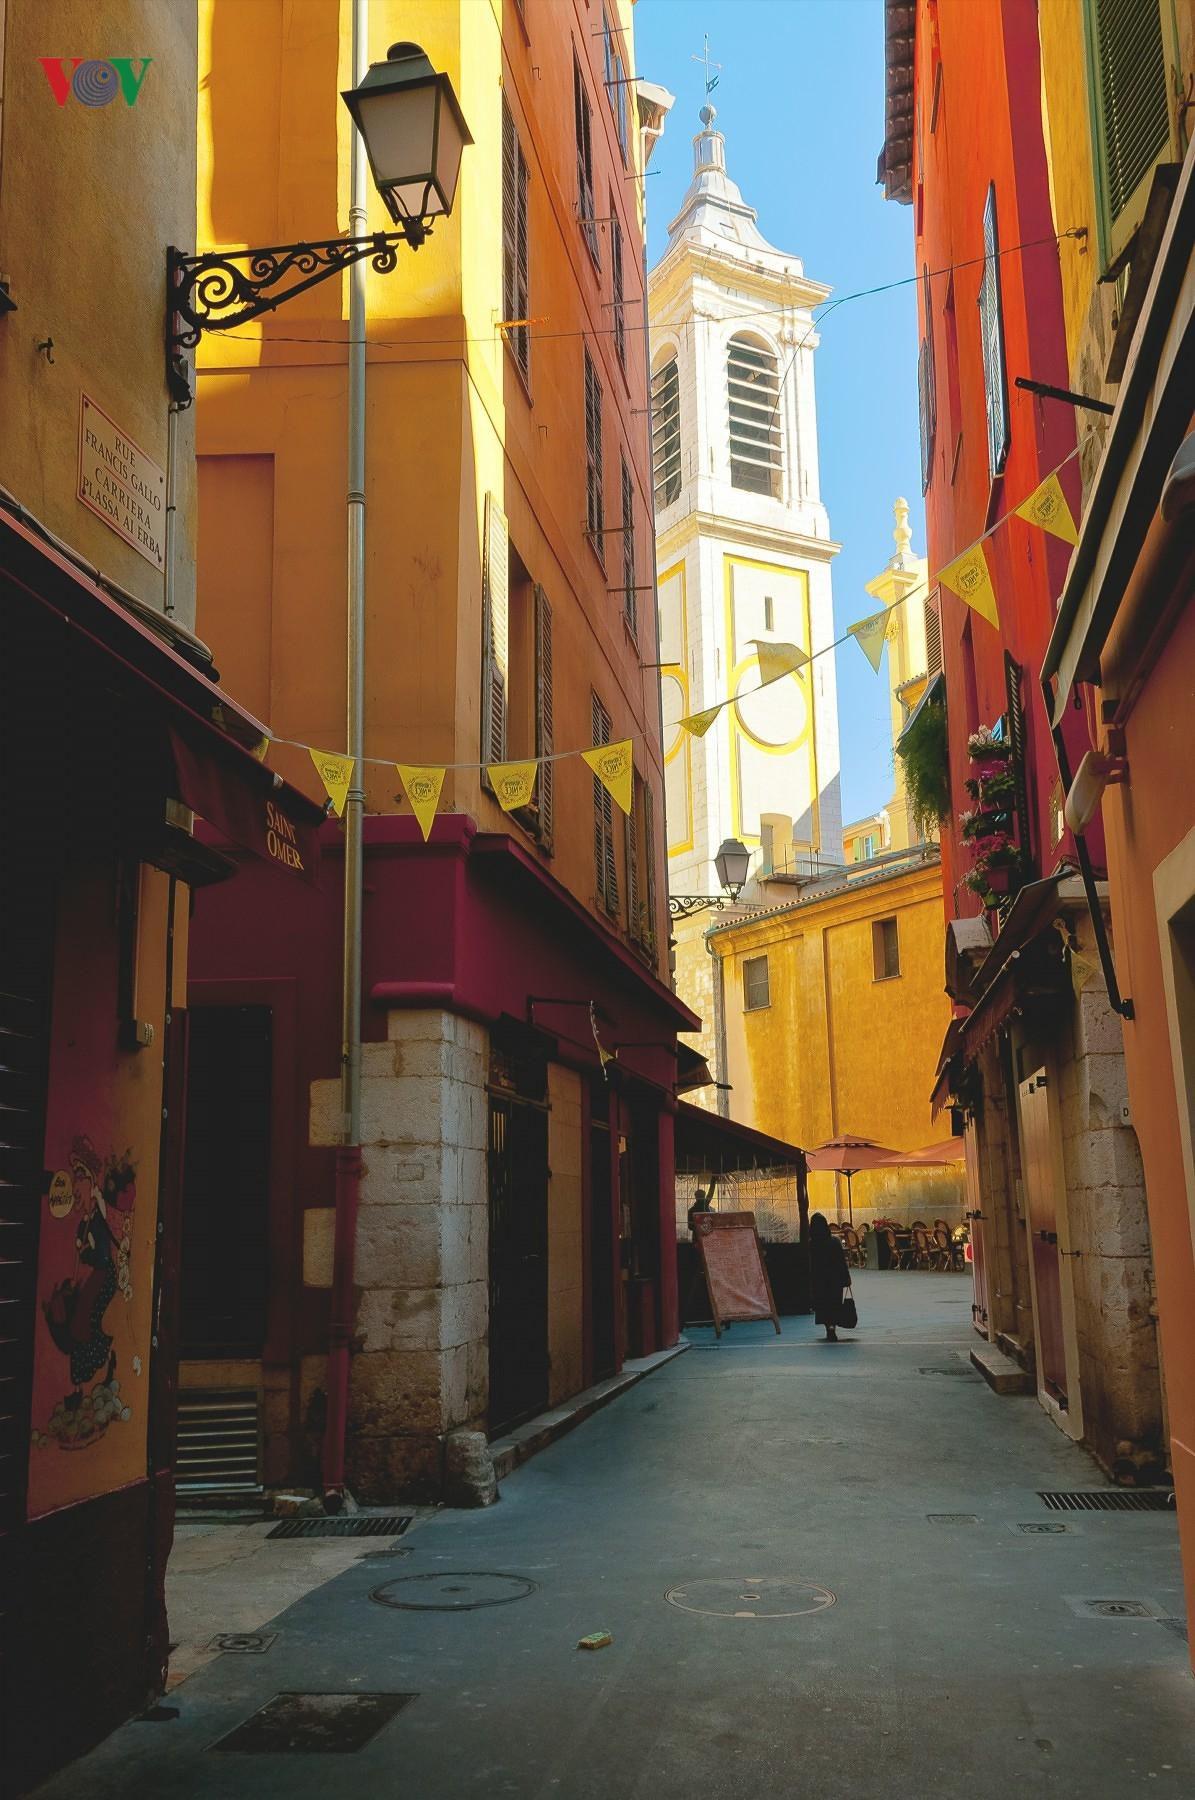 Khám phá Nice - thành phố biển quyến rũ nhất Địa Trung Hải Ảnh 23